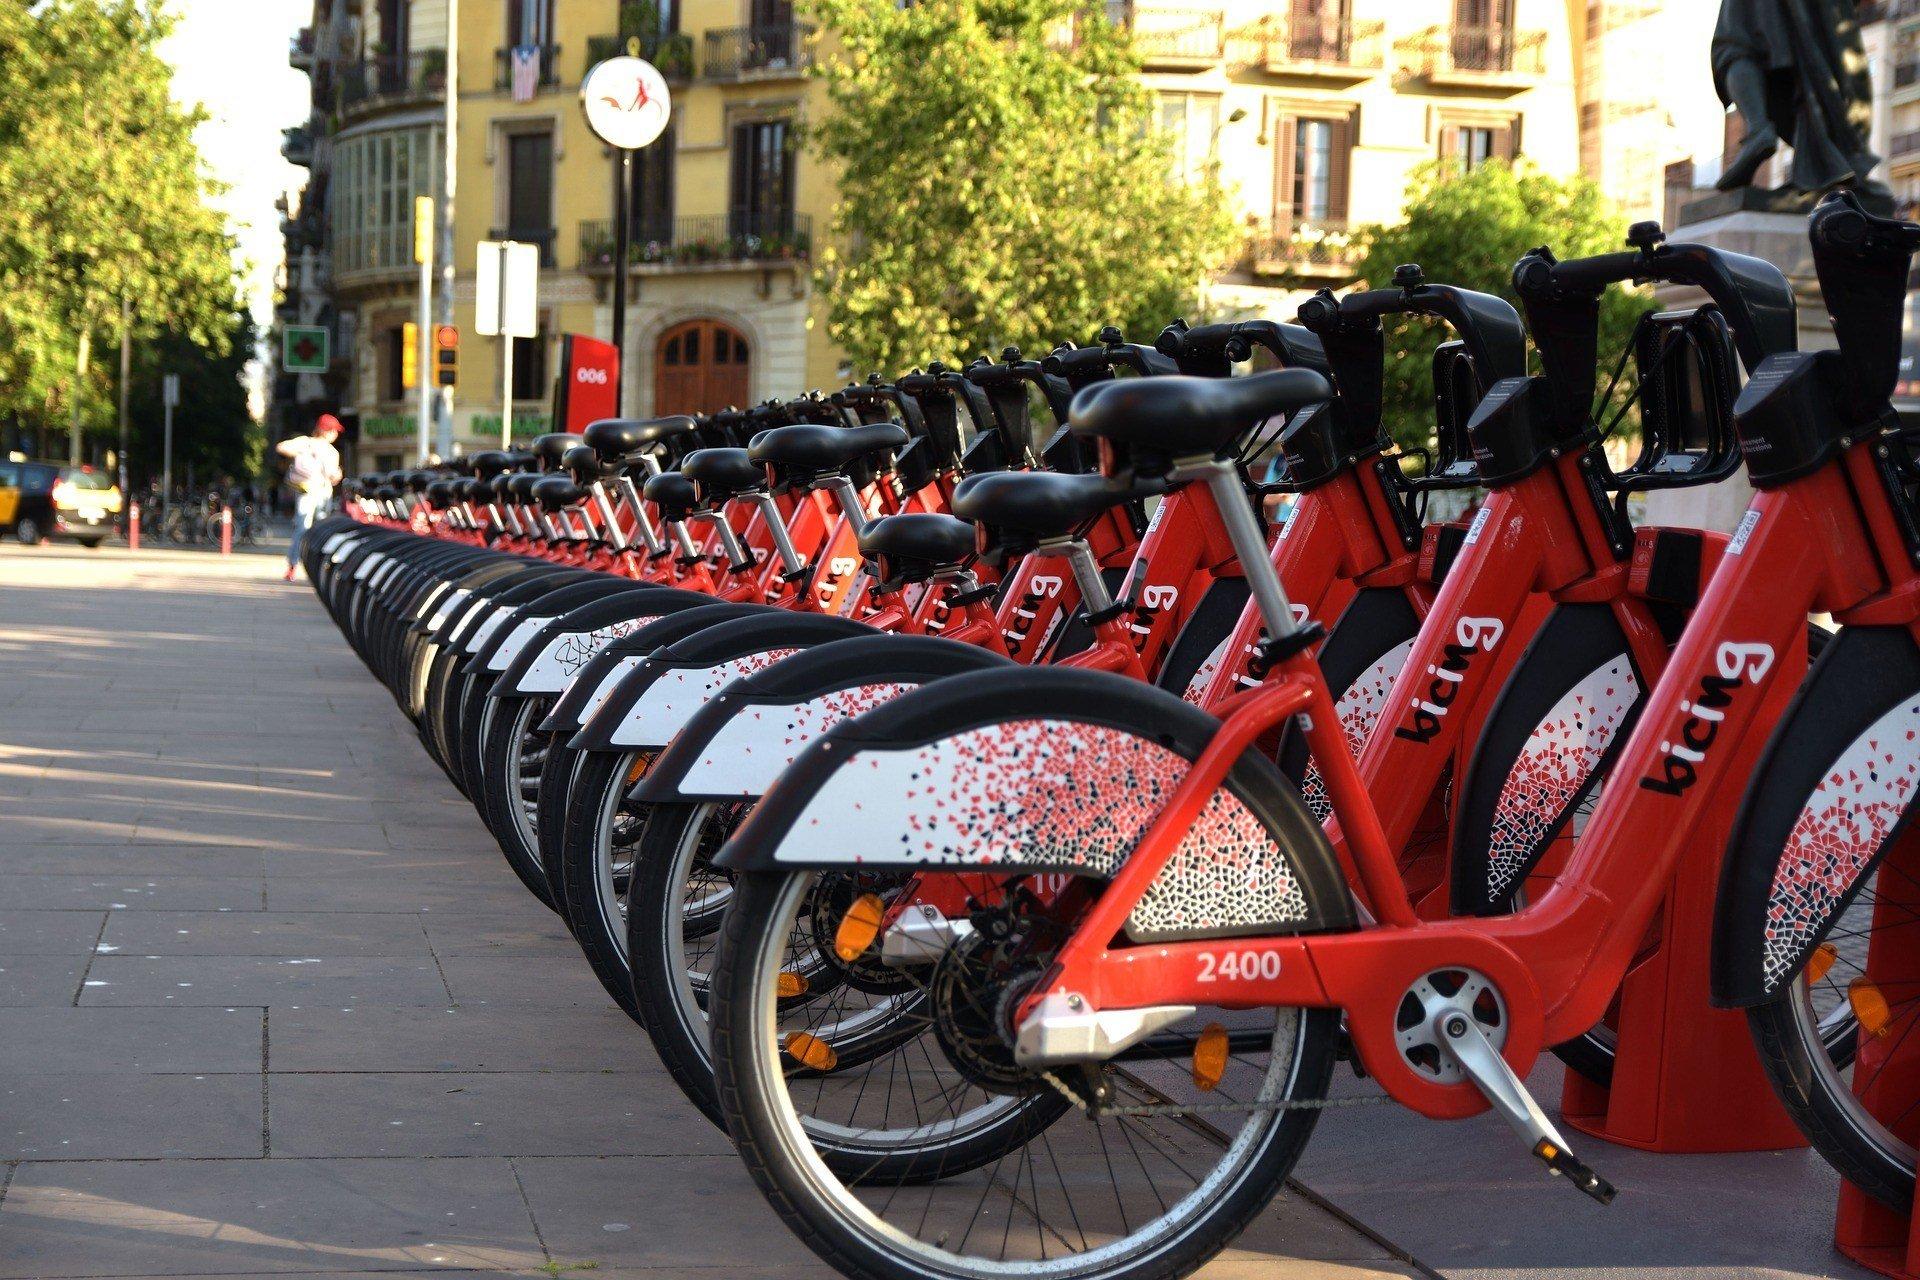 renting a bike in barcelona